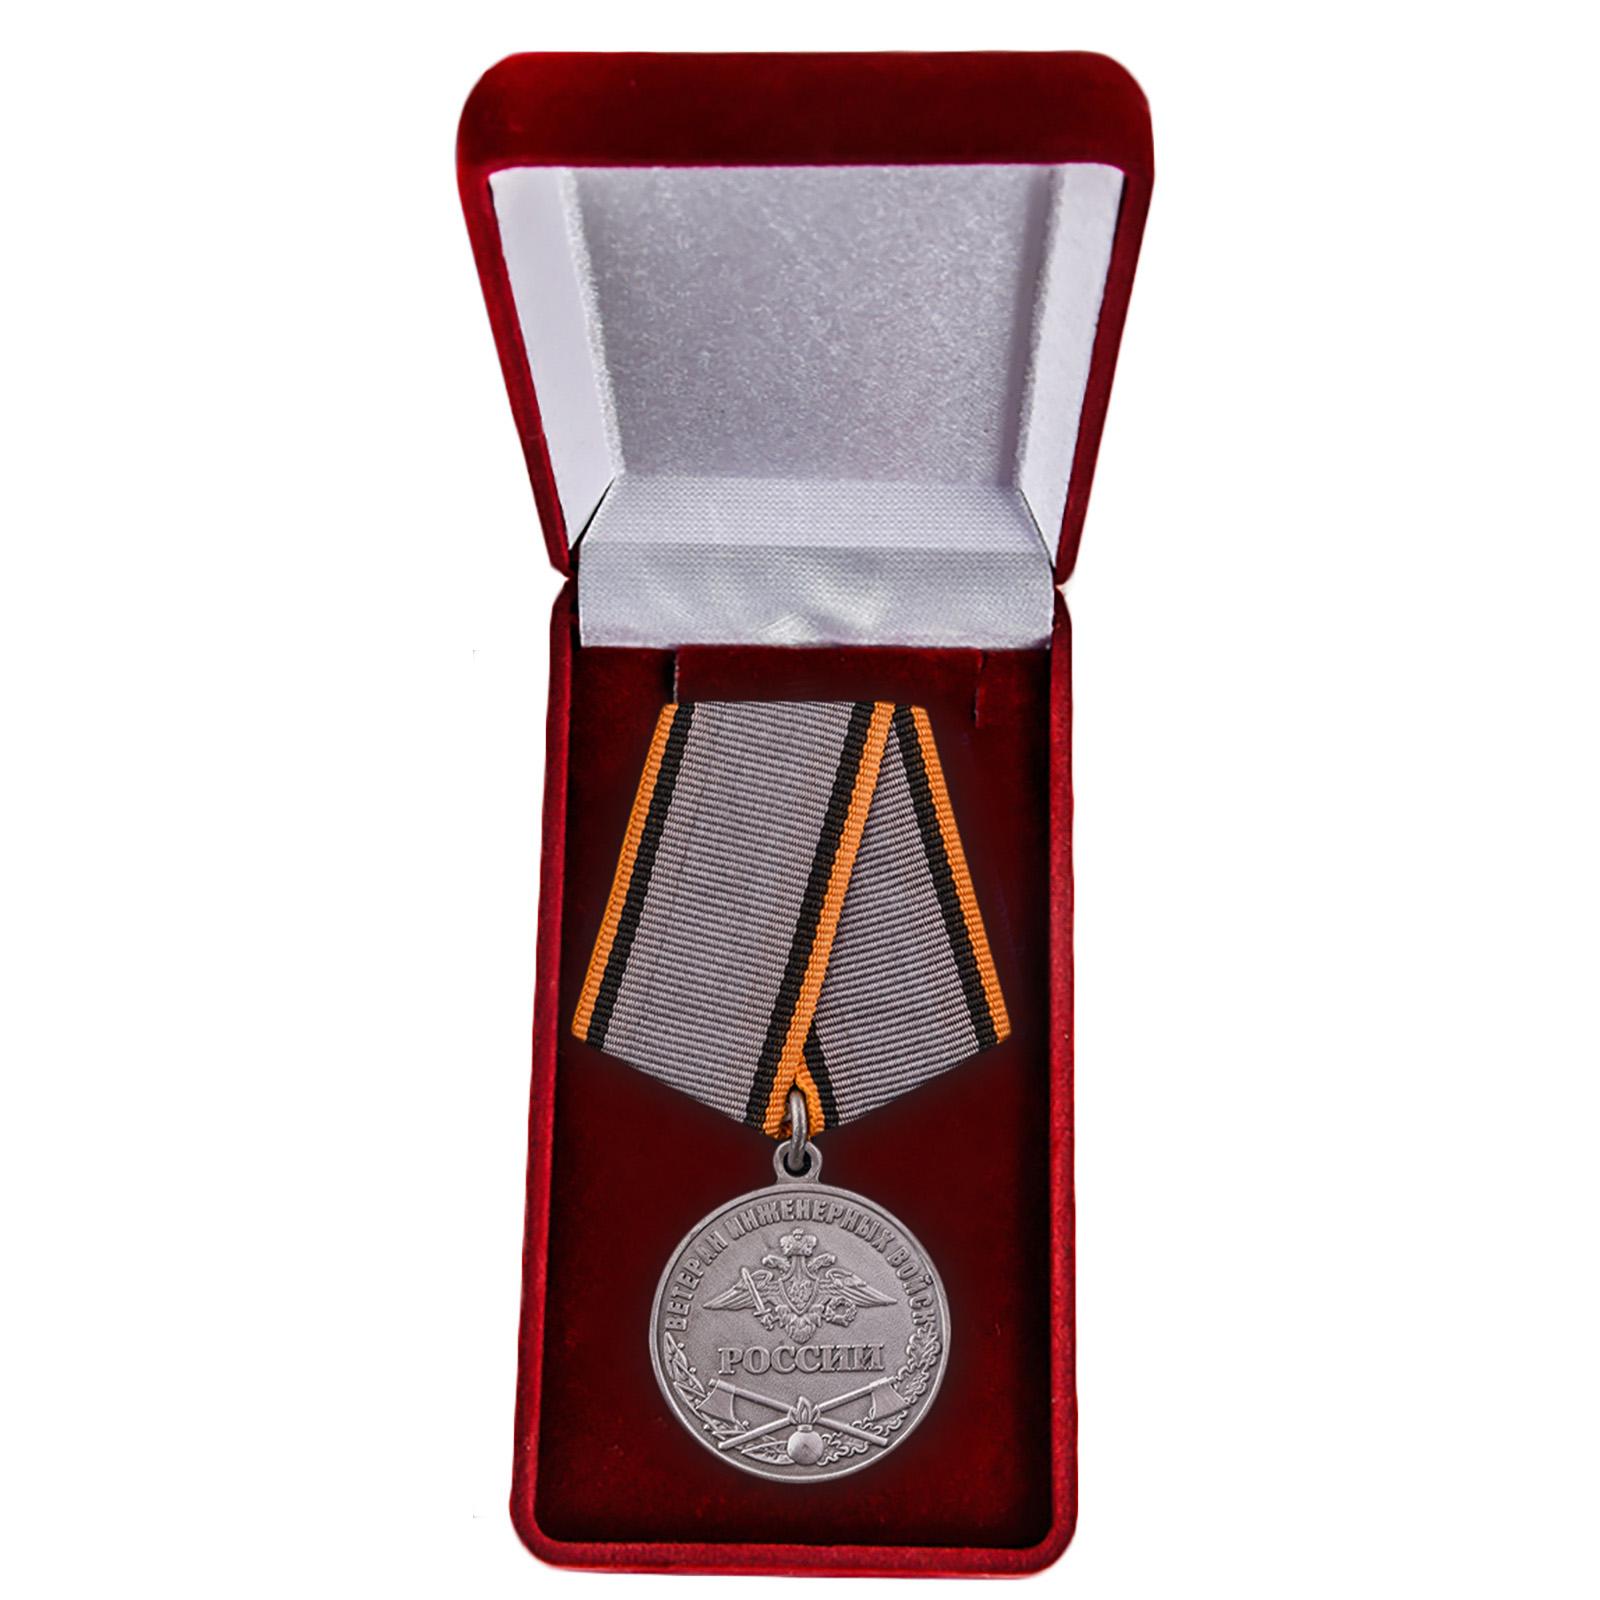 Медаль Инженерных войск в футляре